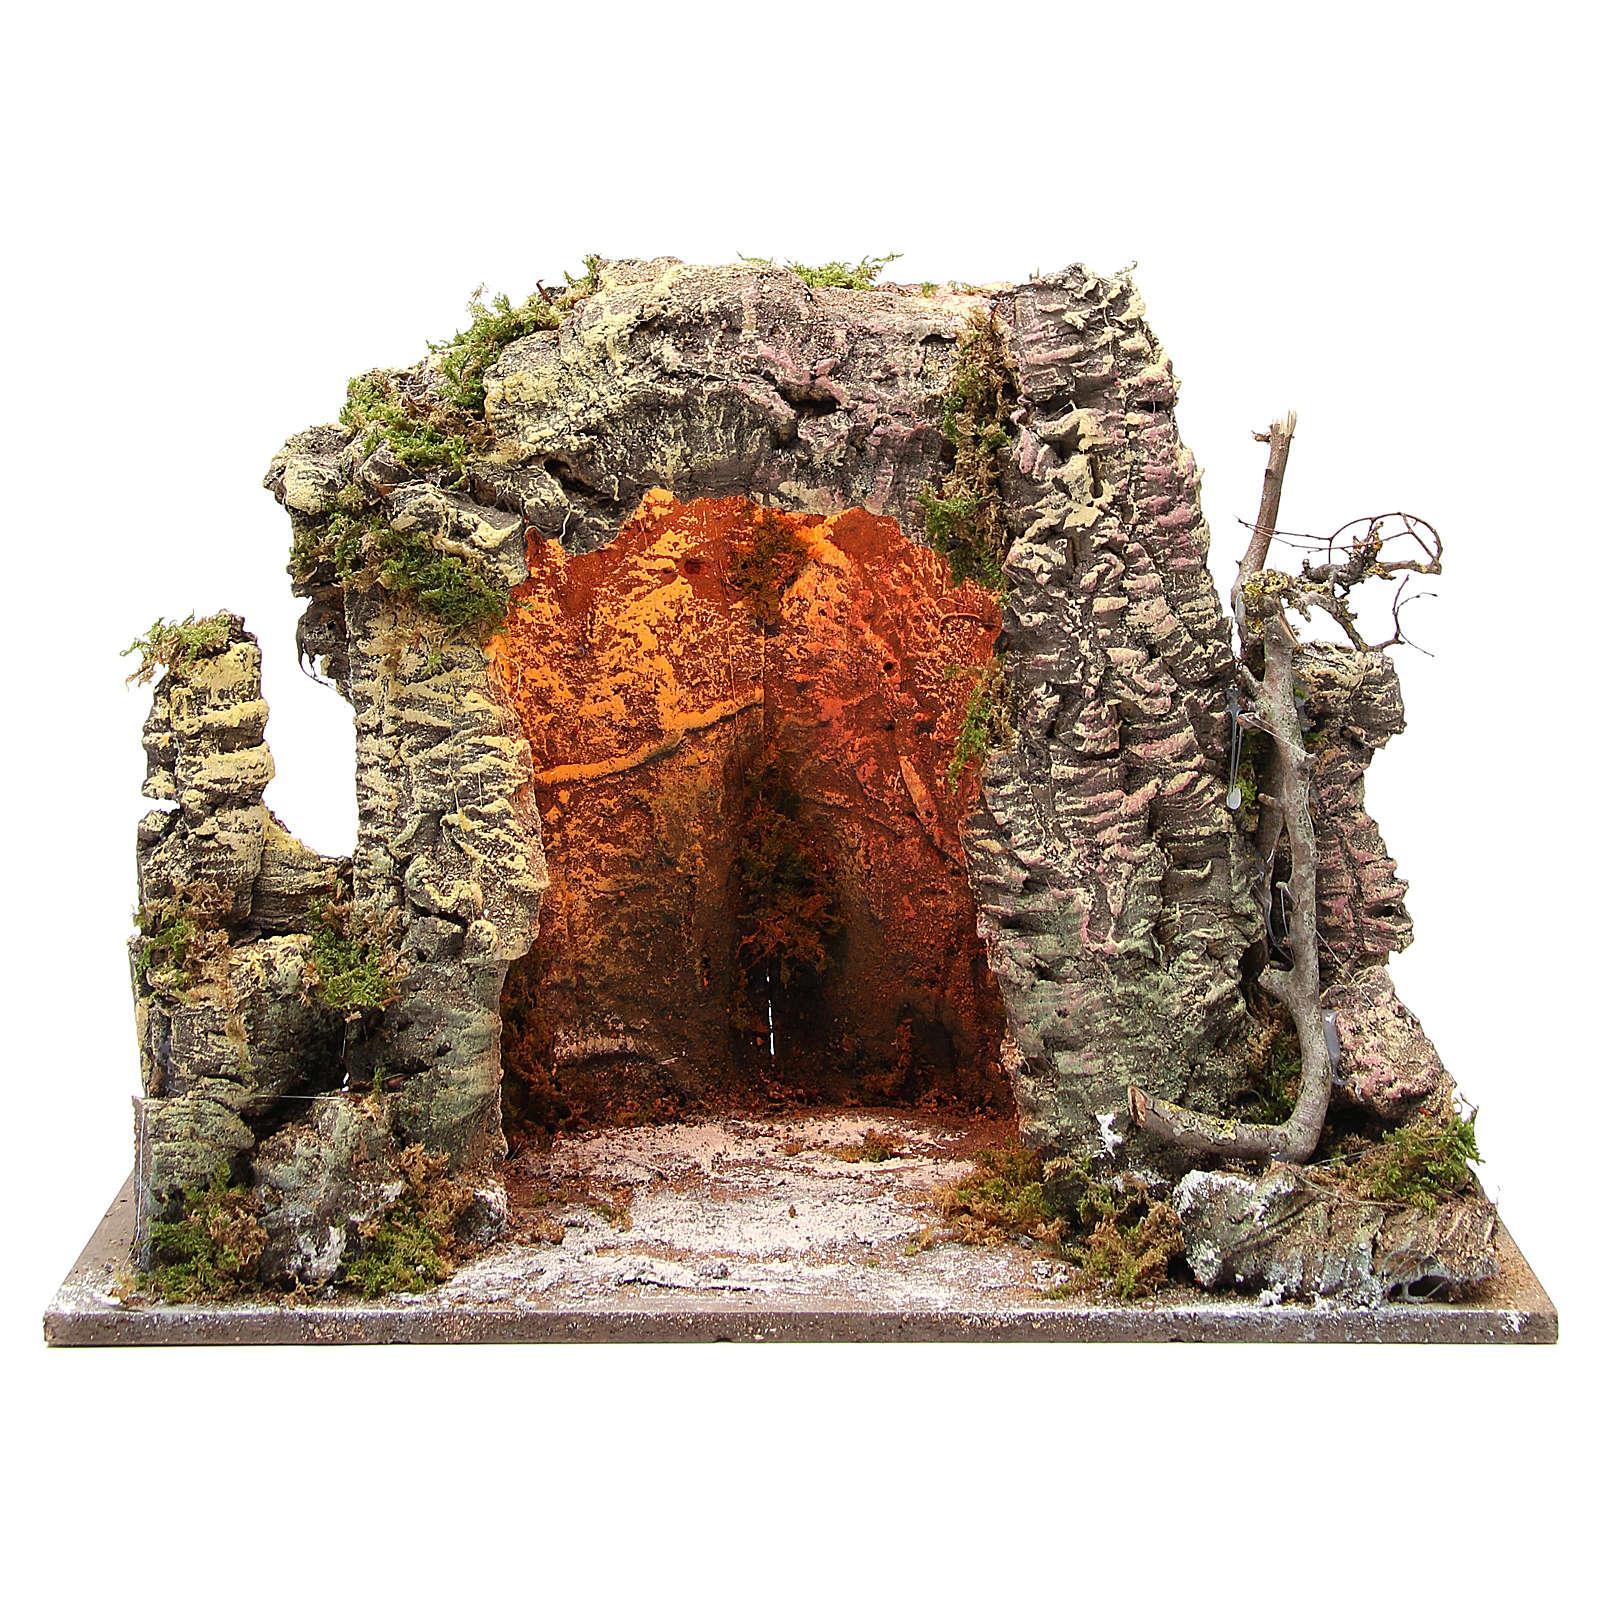 Cueva presebre iluminada 35x50x26 4